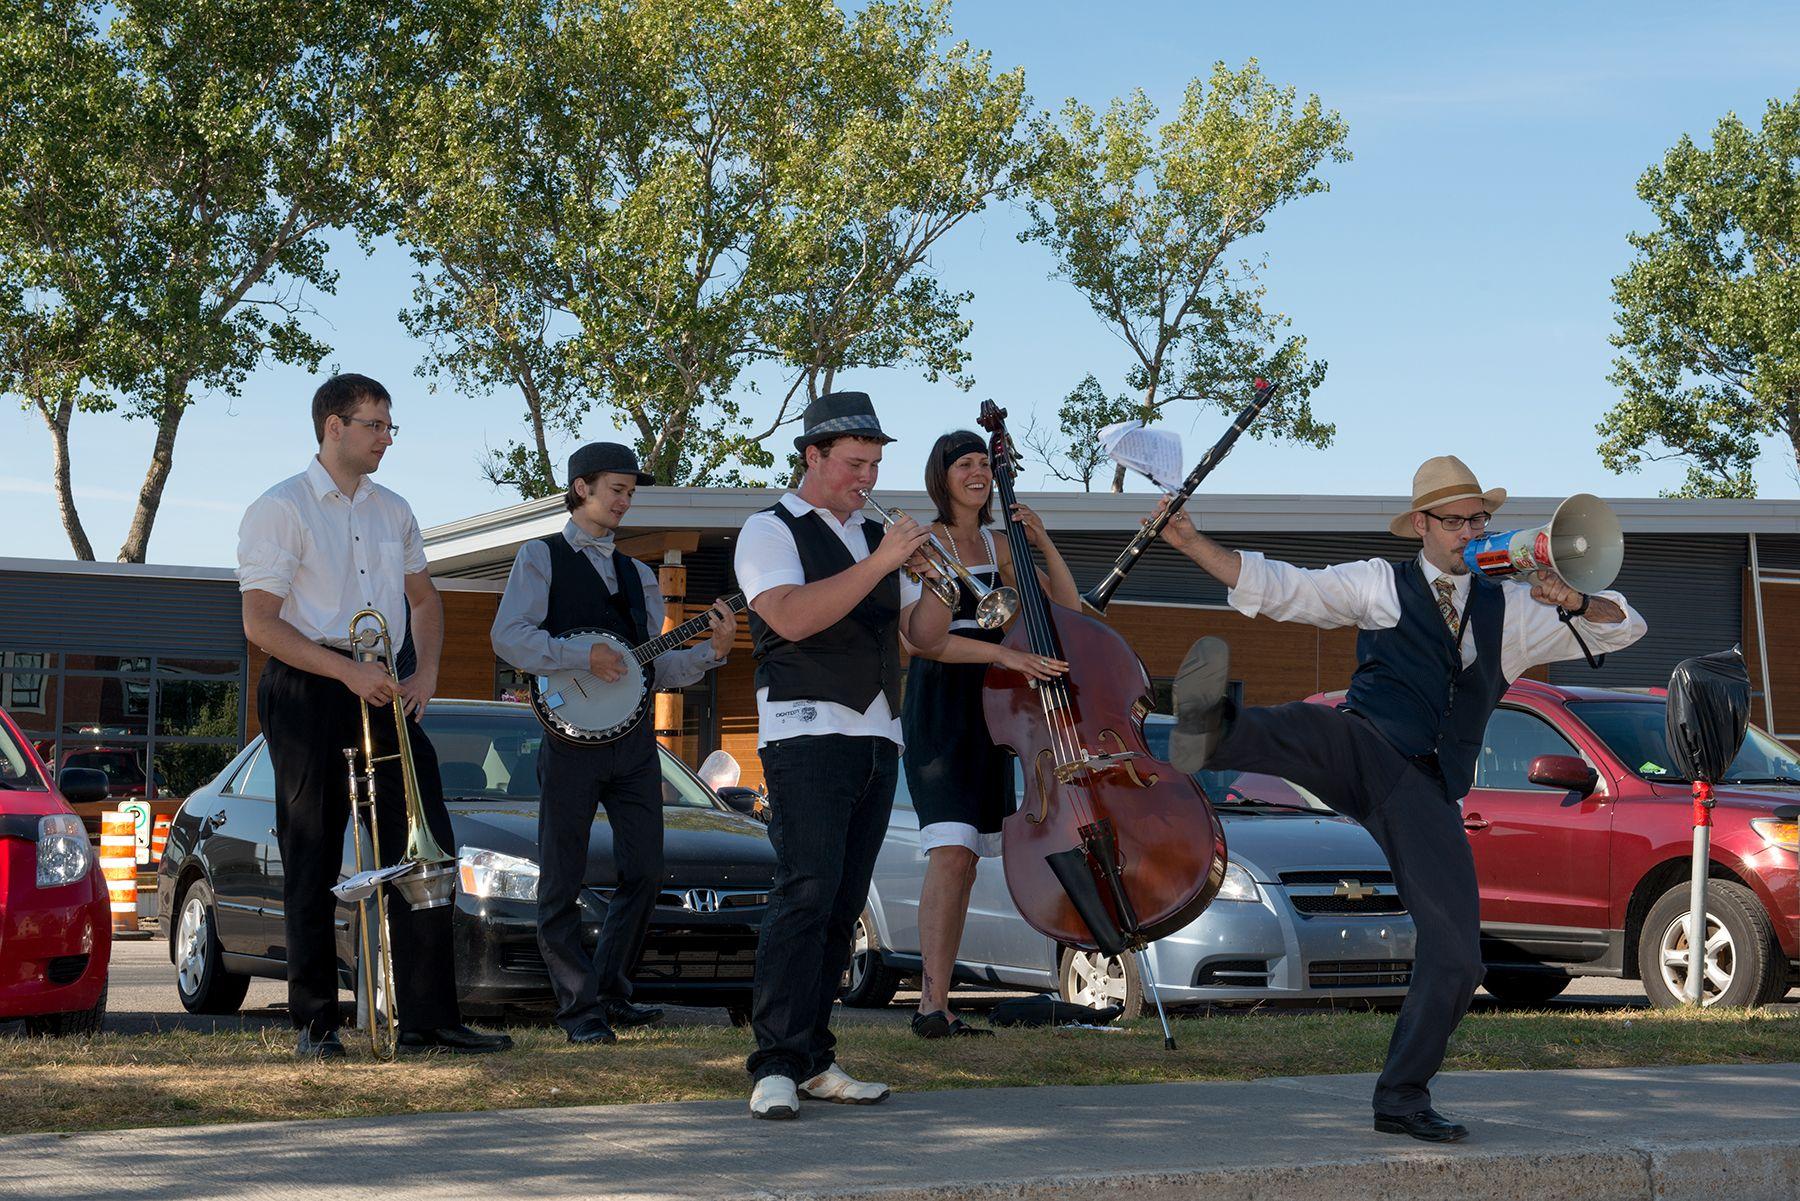 Le Riki-Dixie Bouncing Band en pleine action! C'est tellement bon, c'est tellement beau, que certain en saute de joie!